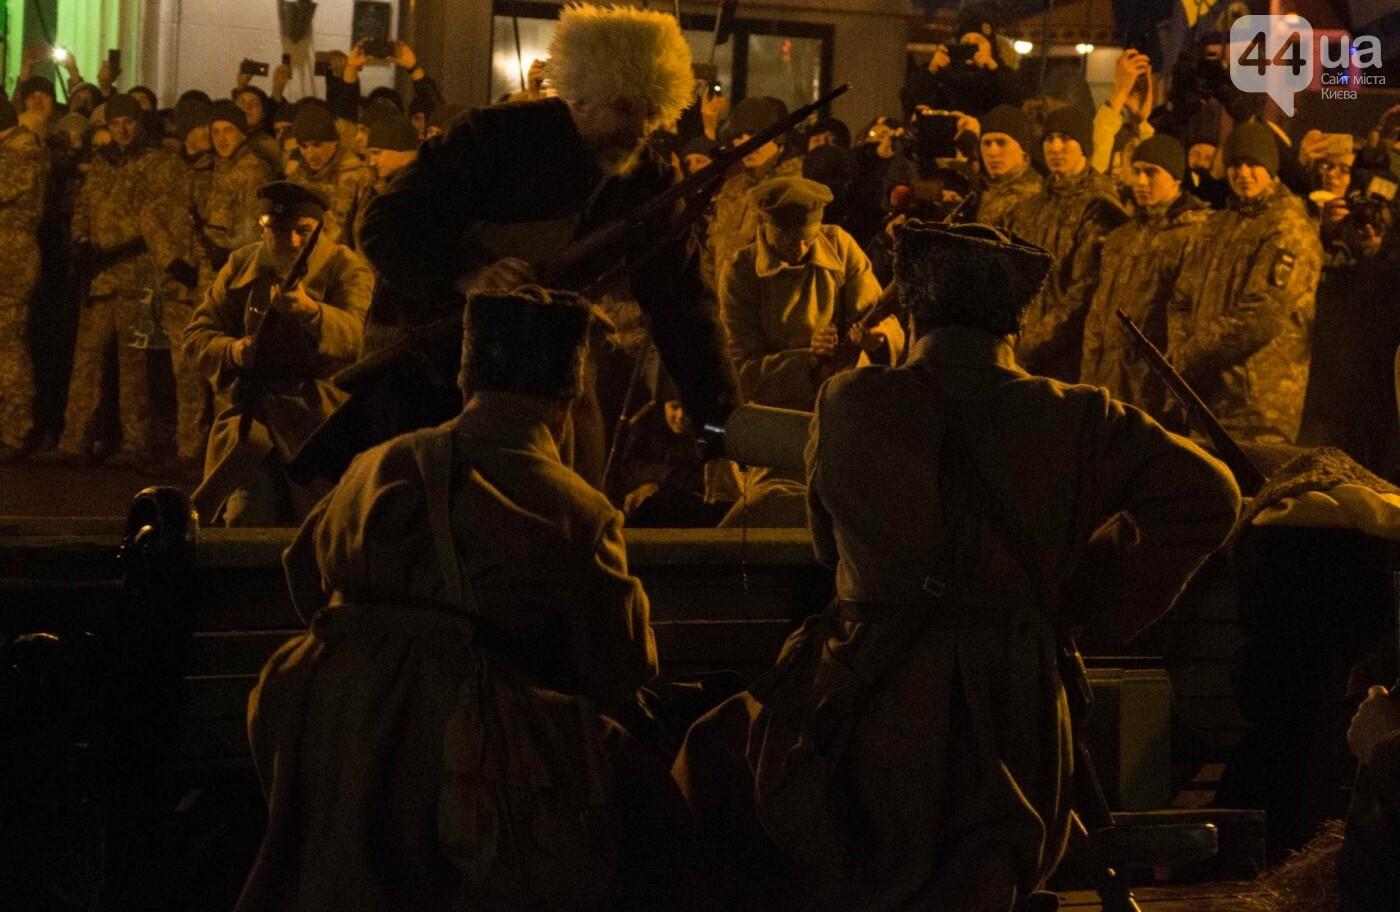 В Киеве провели реконструкцию боя за завод Арсенал (ФОТОРЕПОРТАЖ), фото-2